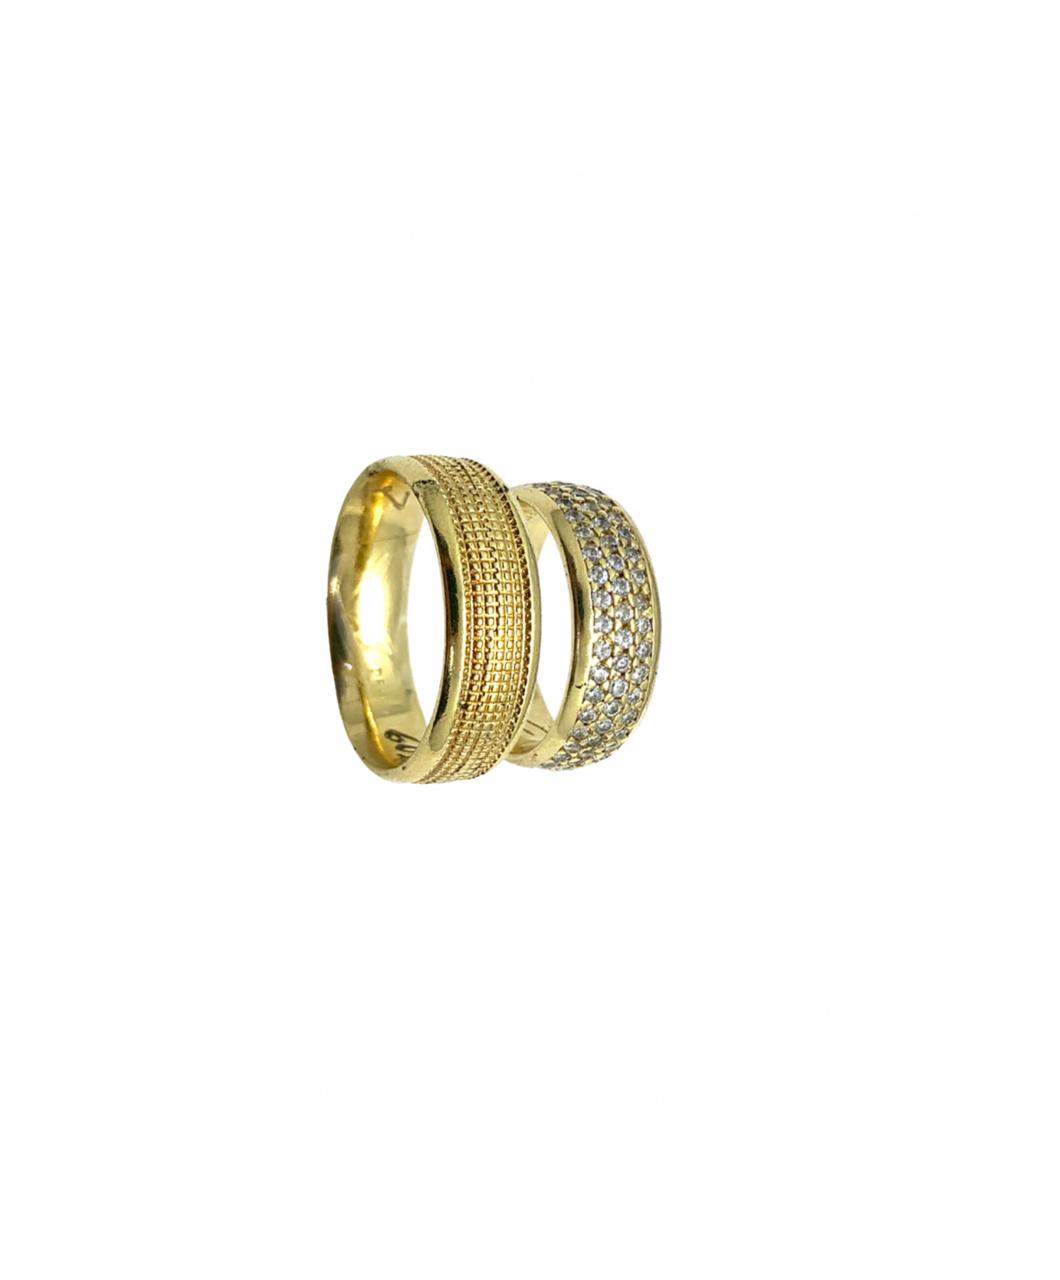 Par de Aliança Ouro 18k Casamento Luxo Trabalhada 2,00mm Largura Por 7,00mm espessura